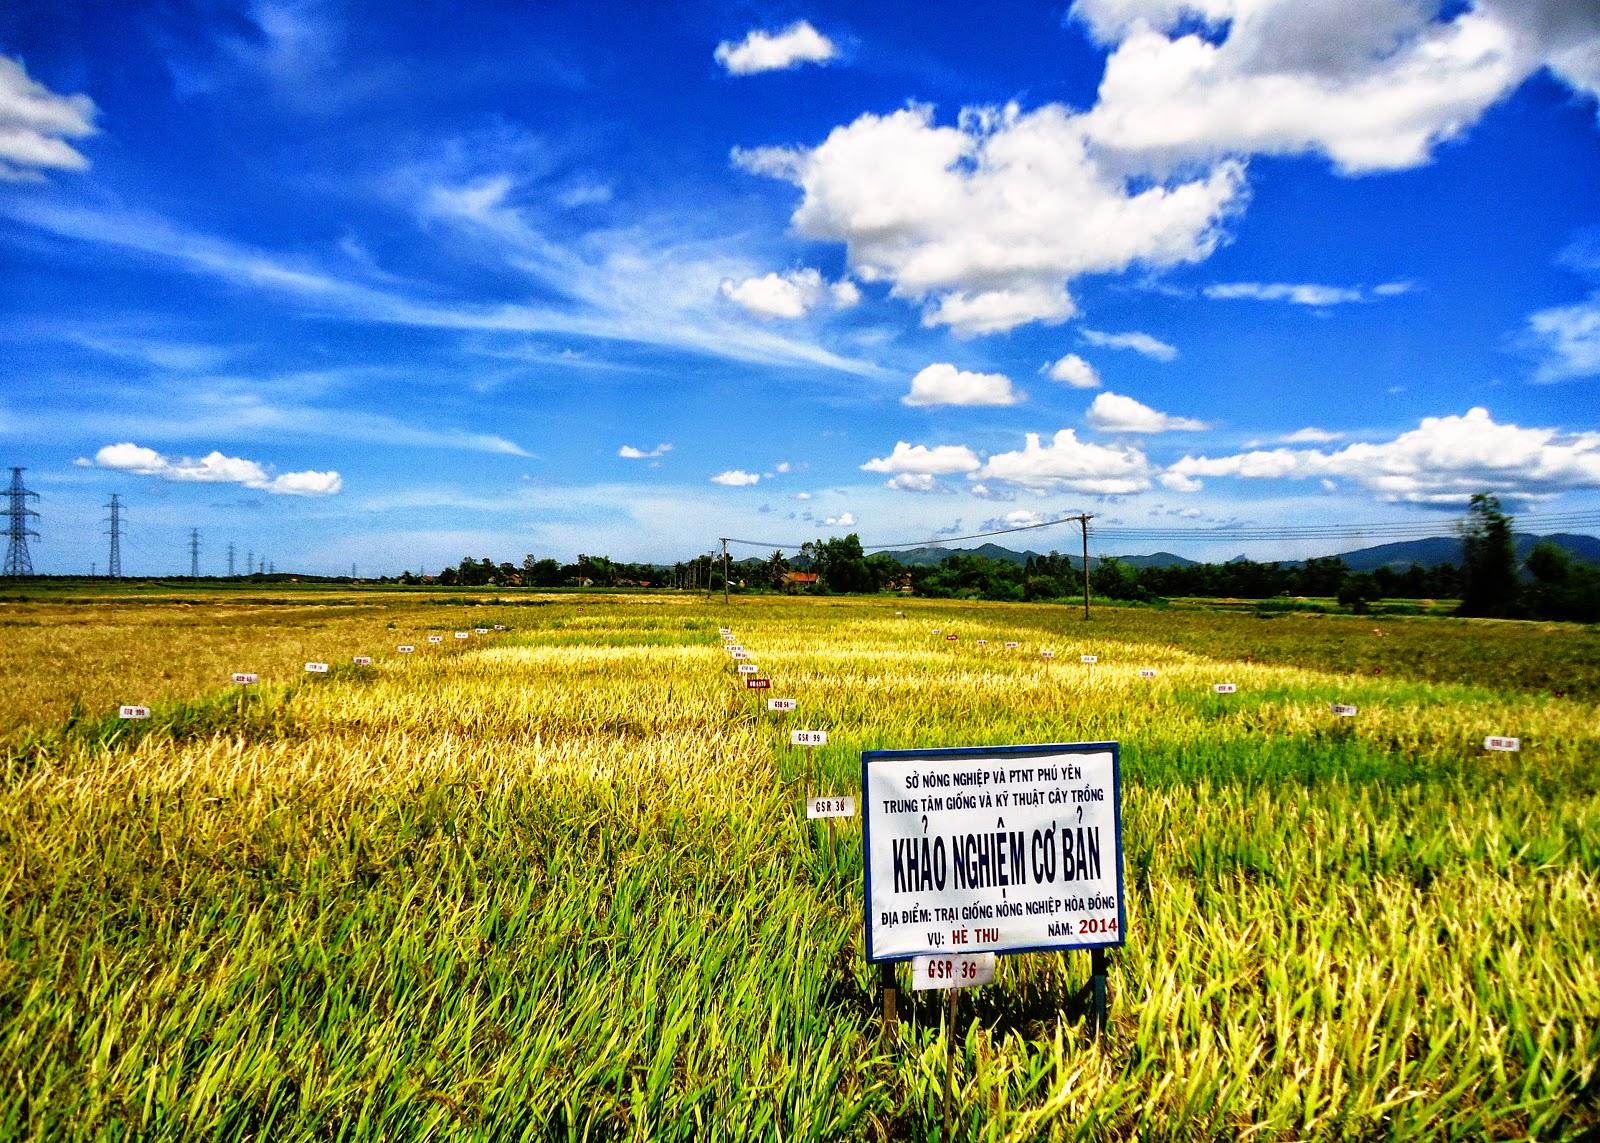 Hình Ảnh Một Số Giống Lúa Cao Sản Xanh (Green Super Rice - Gsr) Tiêu Biểu  Trong Các Khảo Nghiệm Cơ Bản Tại Trại Giống Lúa Hòa Đồng, ...